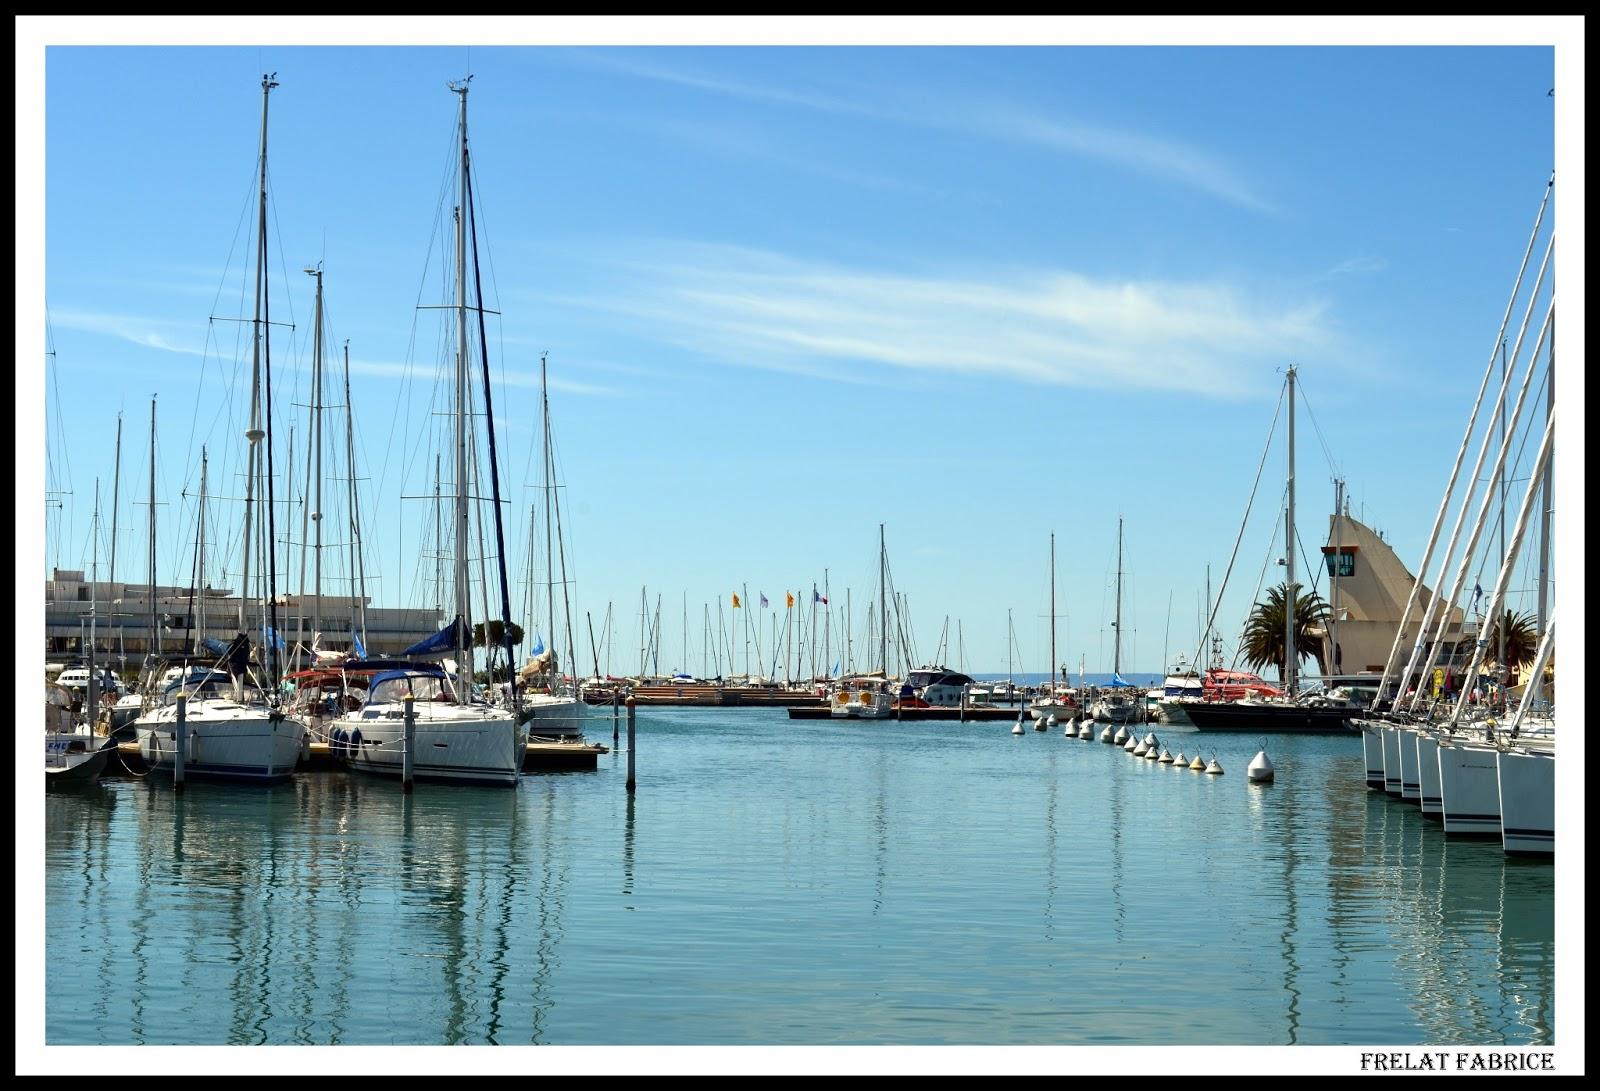 Objectif photos le grau du roi et port camargue - Le grau du roi port camargue ...